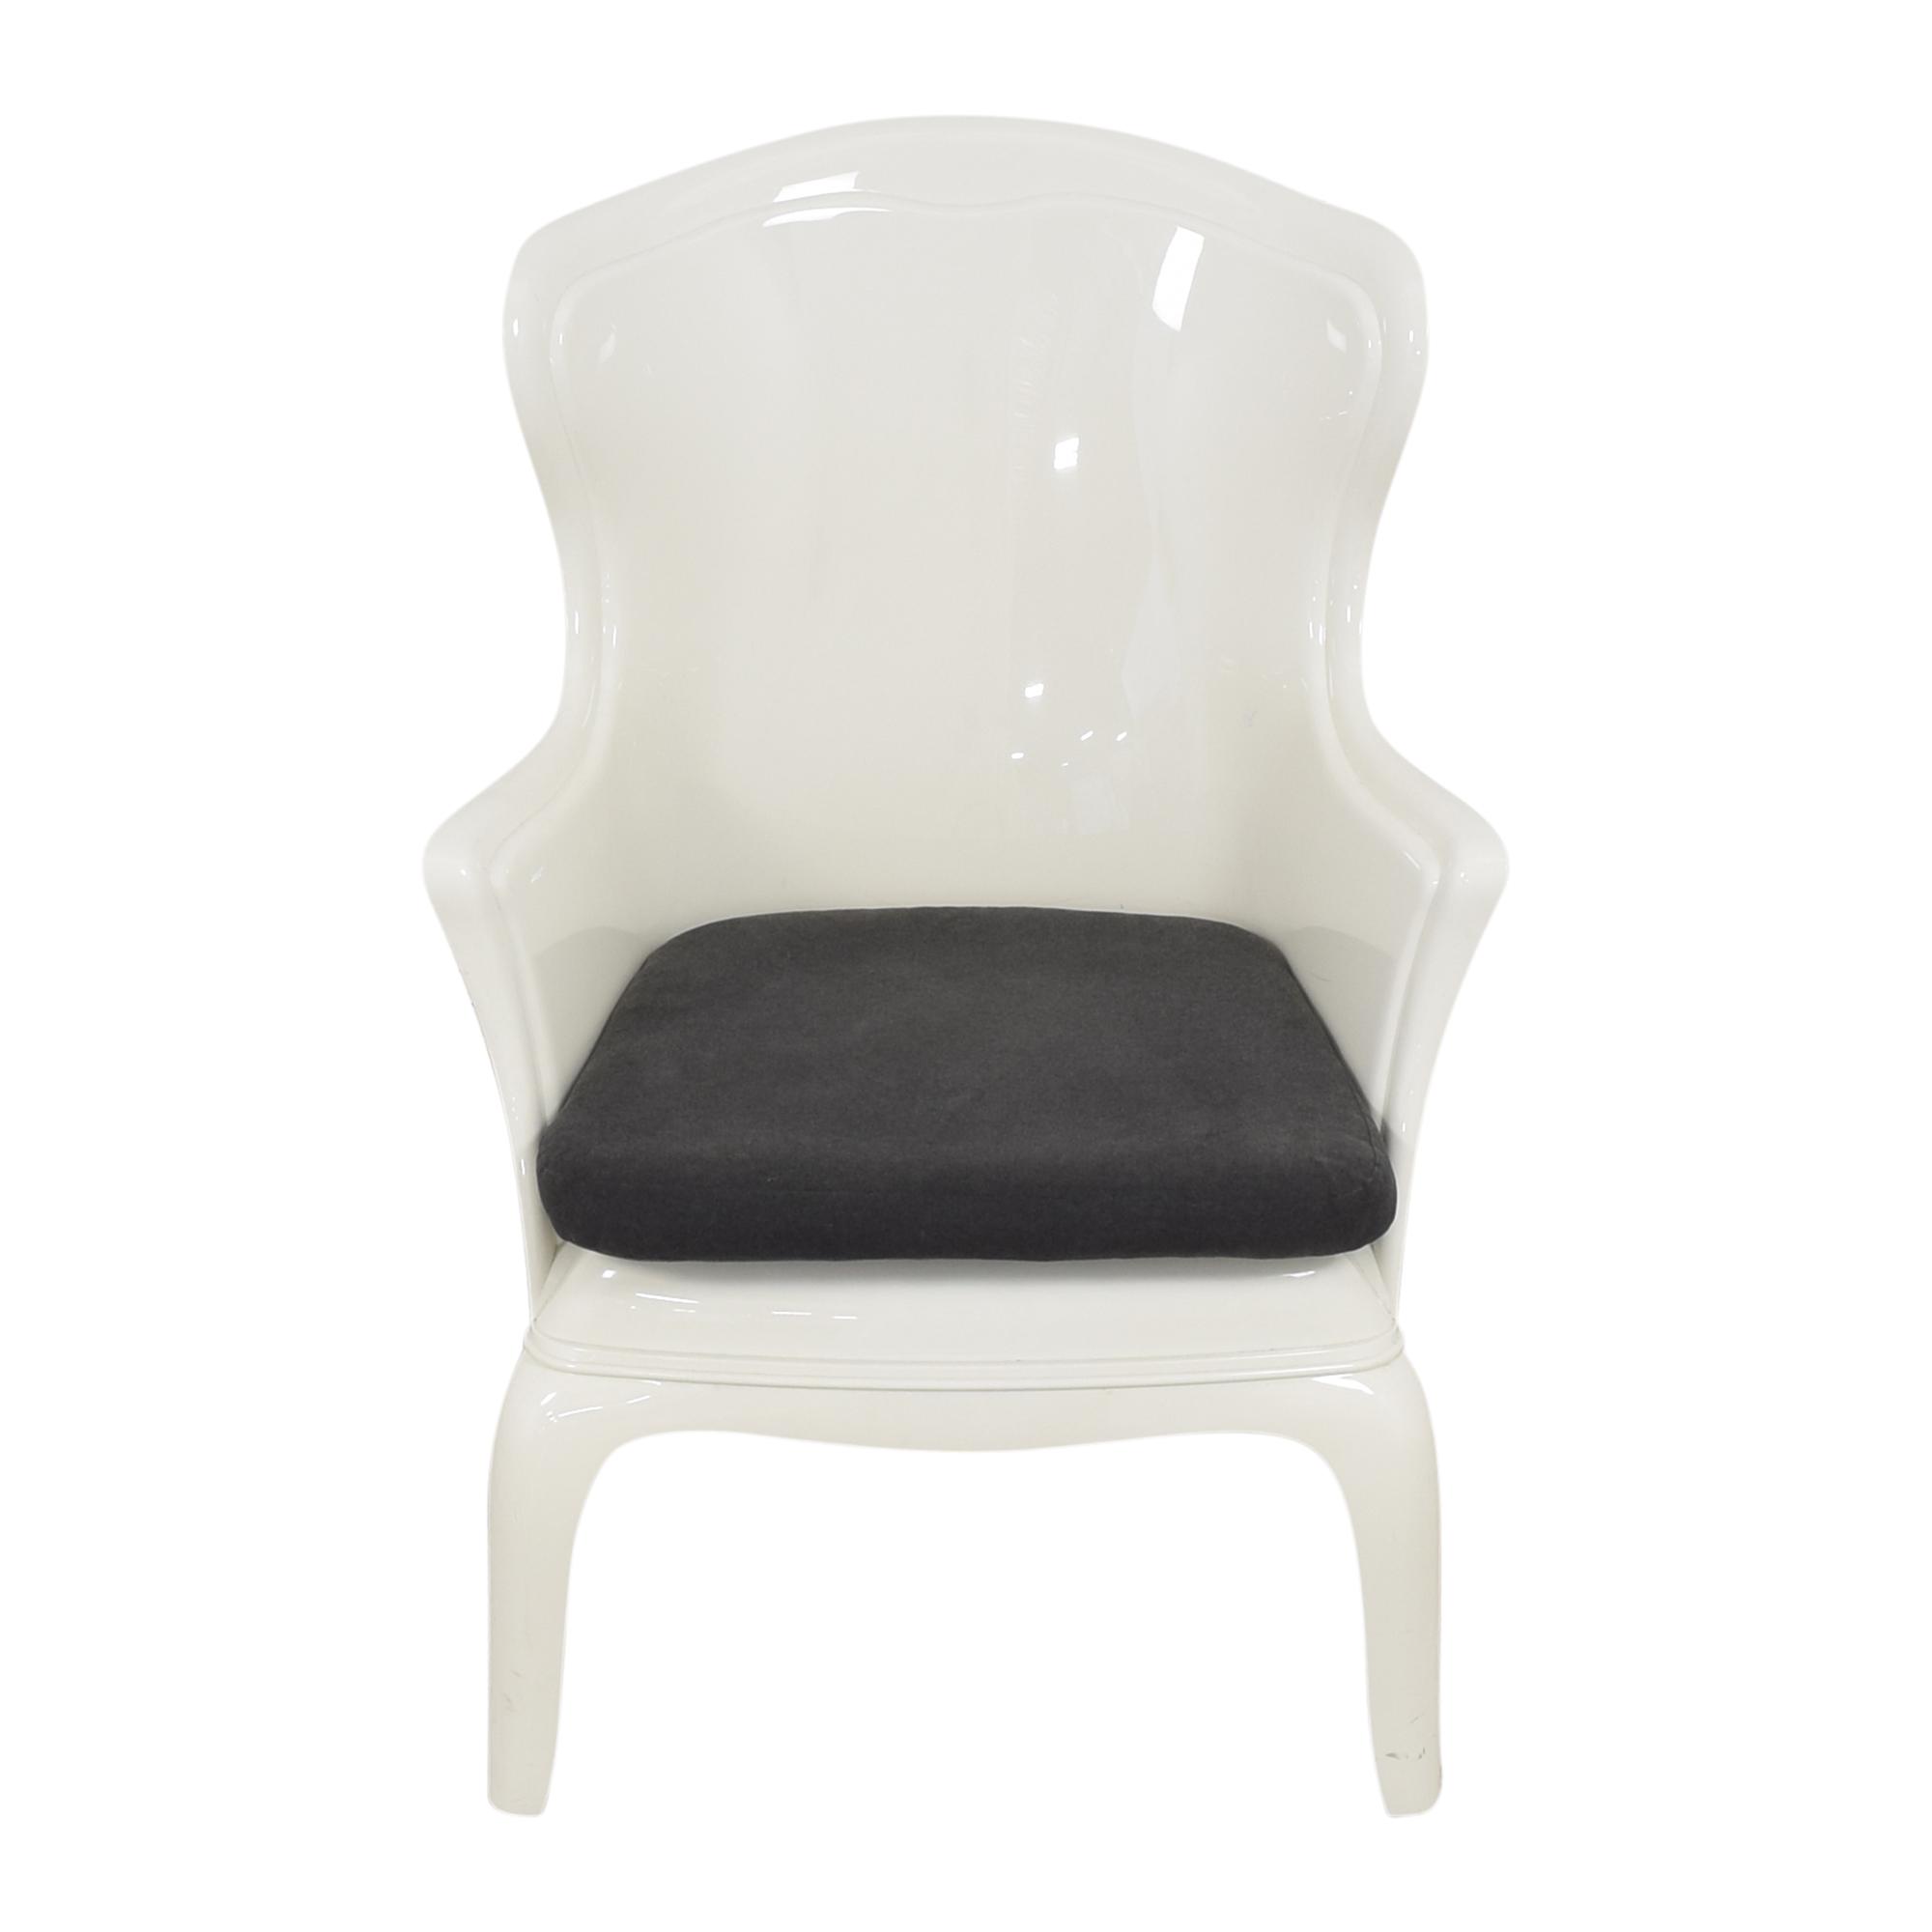 Pedrali Pedrali Pasha Wingback Chair used